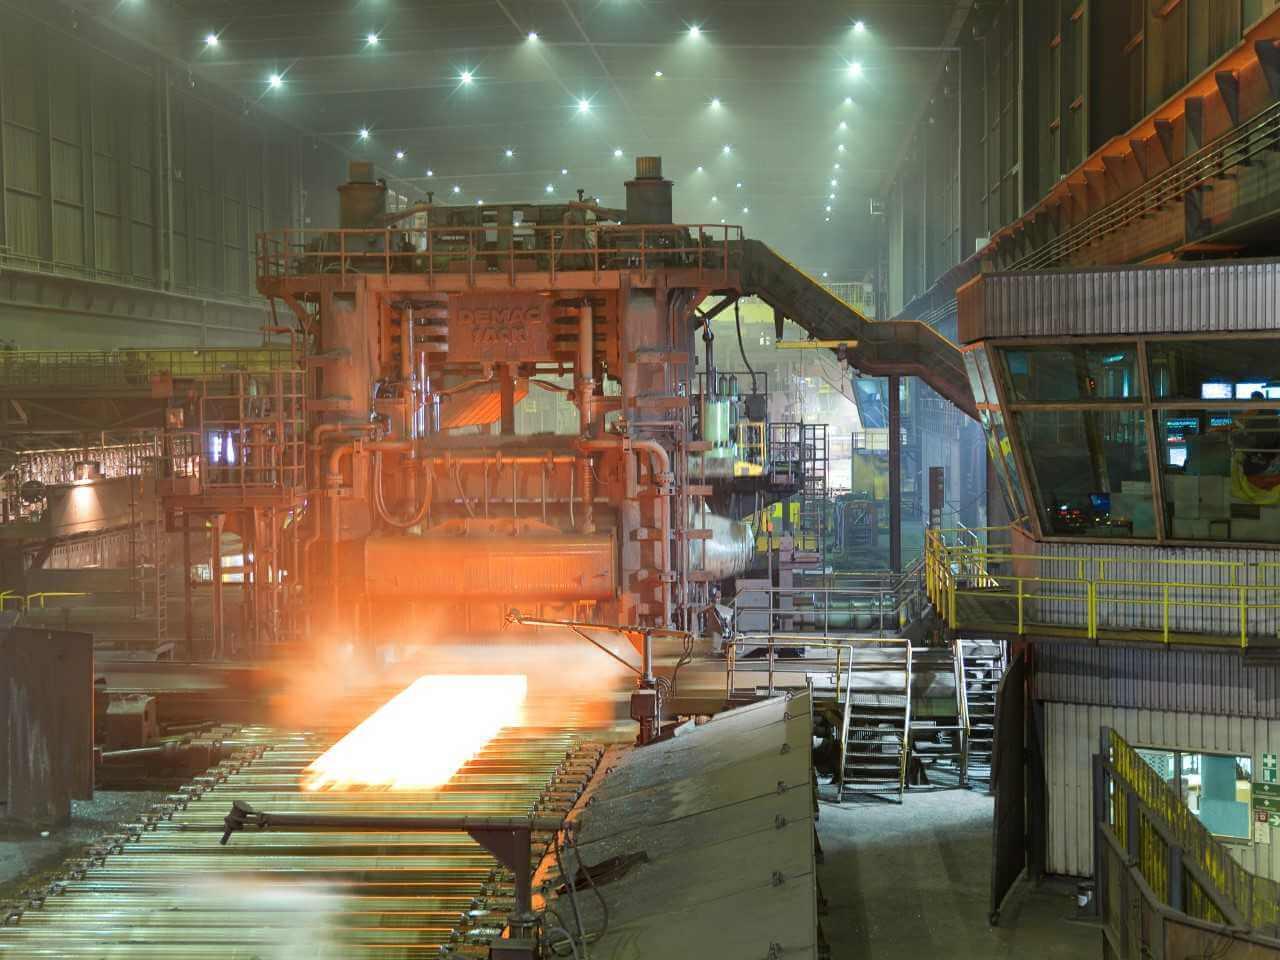 Demir-Çelik Ürünleri Korunma Önlemleri Soruşturması Uzatıldı